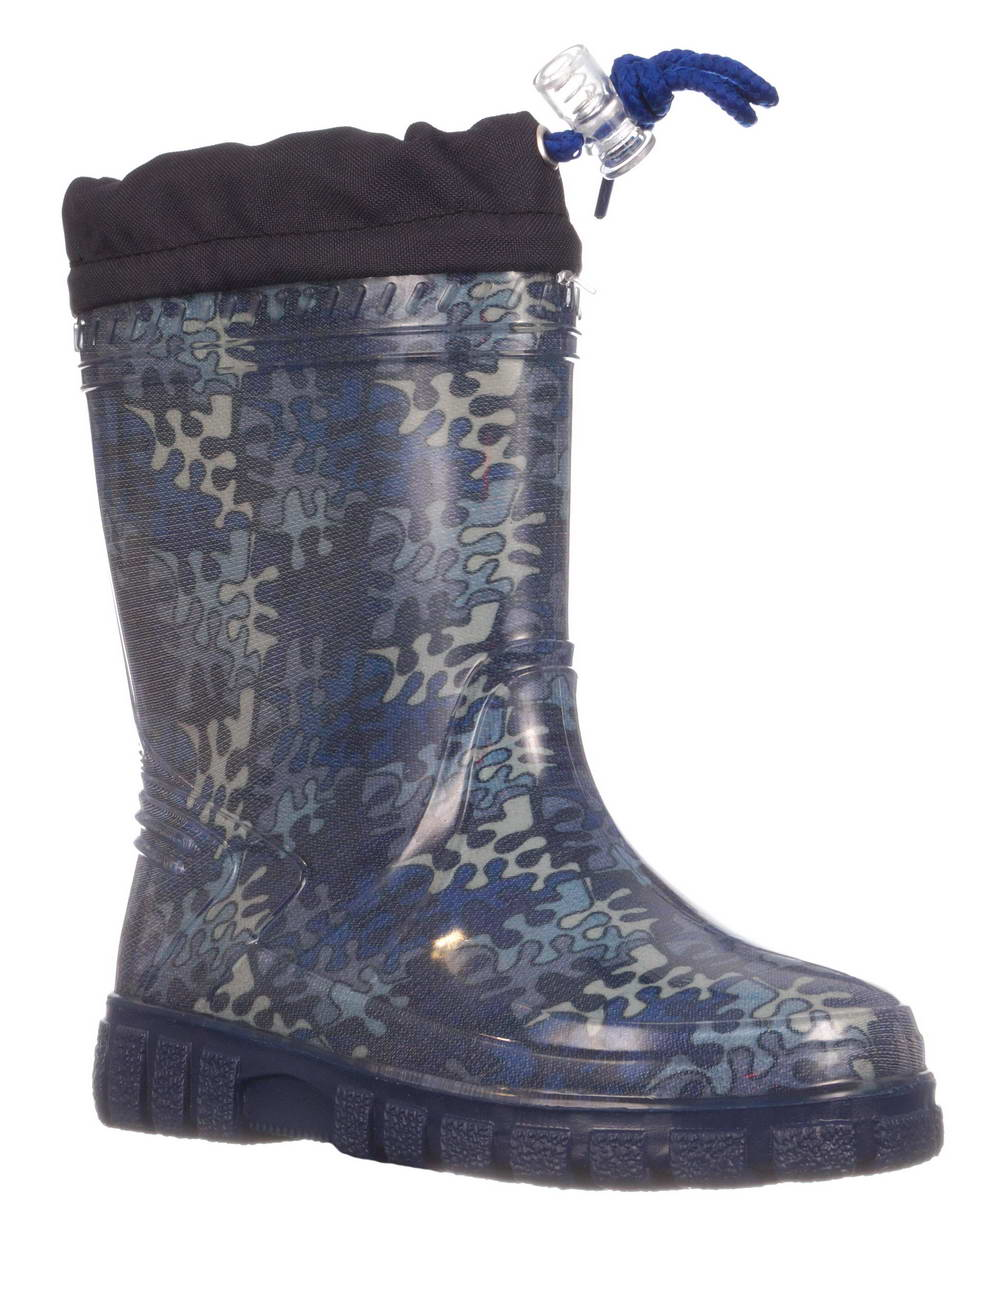 fe373d366 Детская обувь Зебра в Екатеринбурге с доставкой - интернет-магазин ...